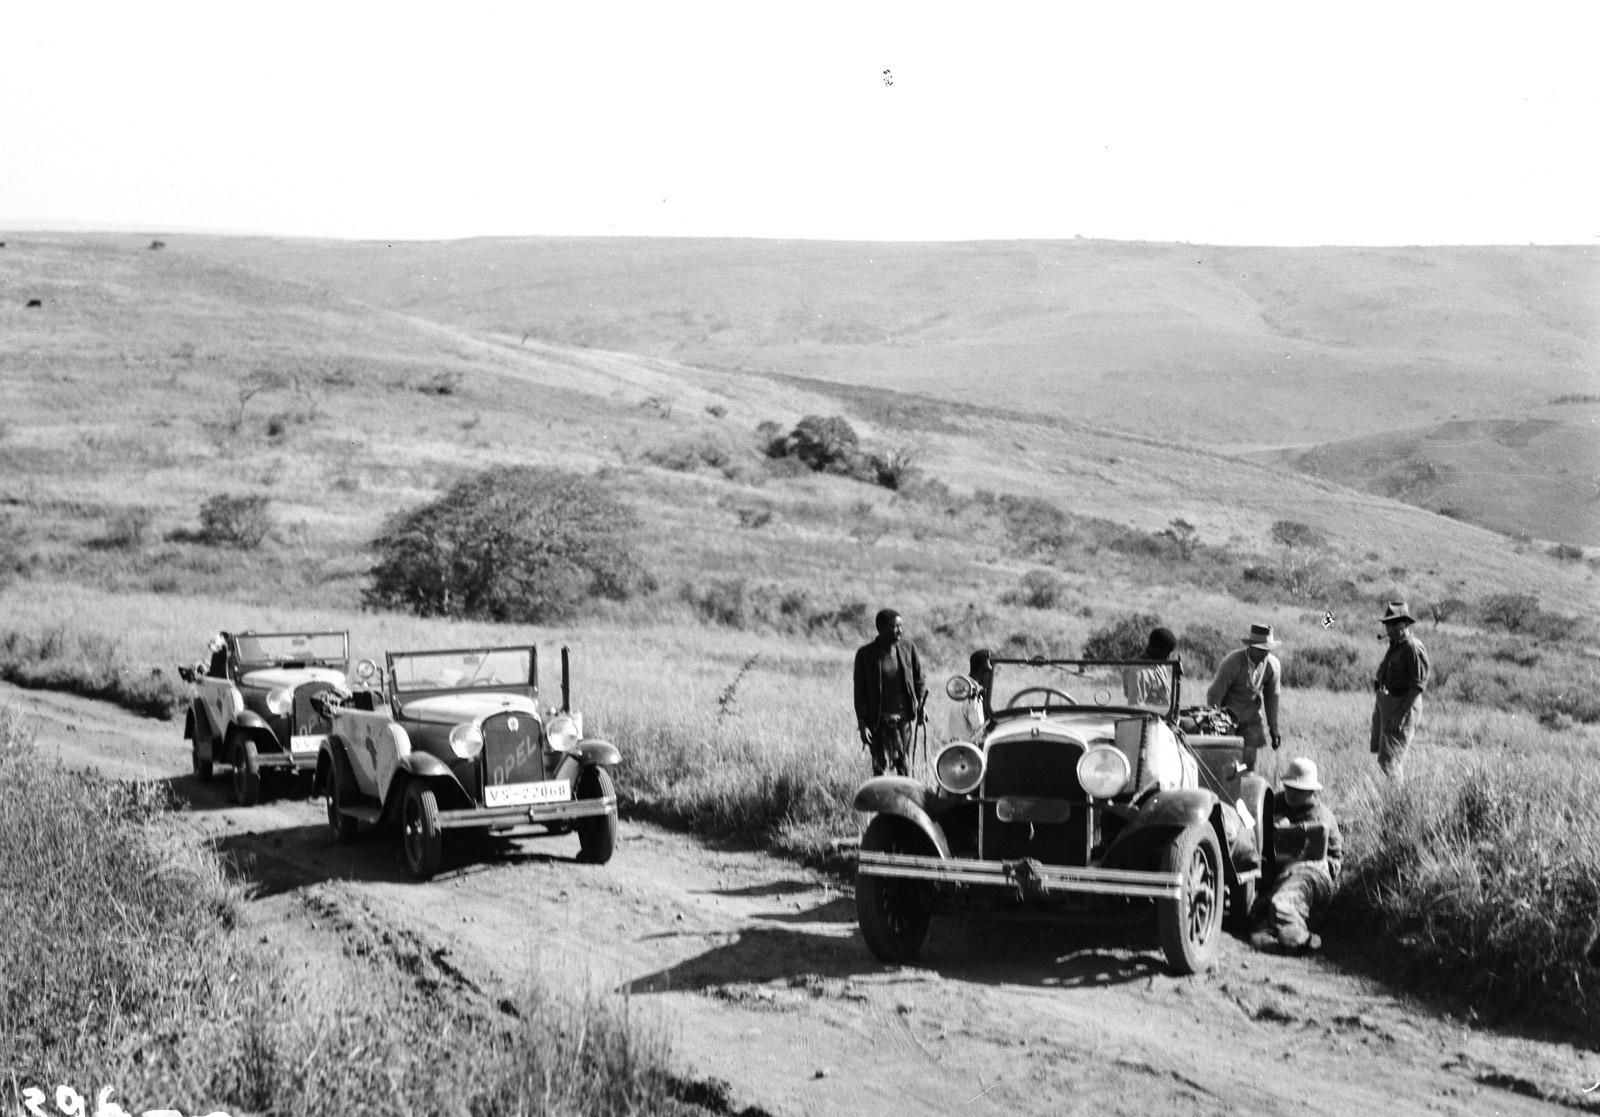 Квазулу-Наталь. Умфолози. Участники экспедиции рядом с их транспортными средствами во время остановки в сельской местности